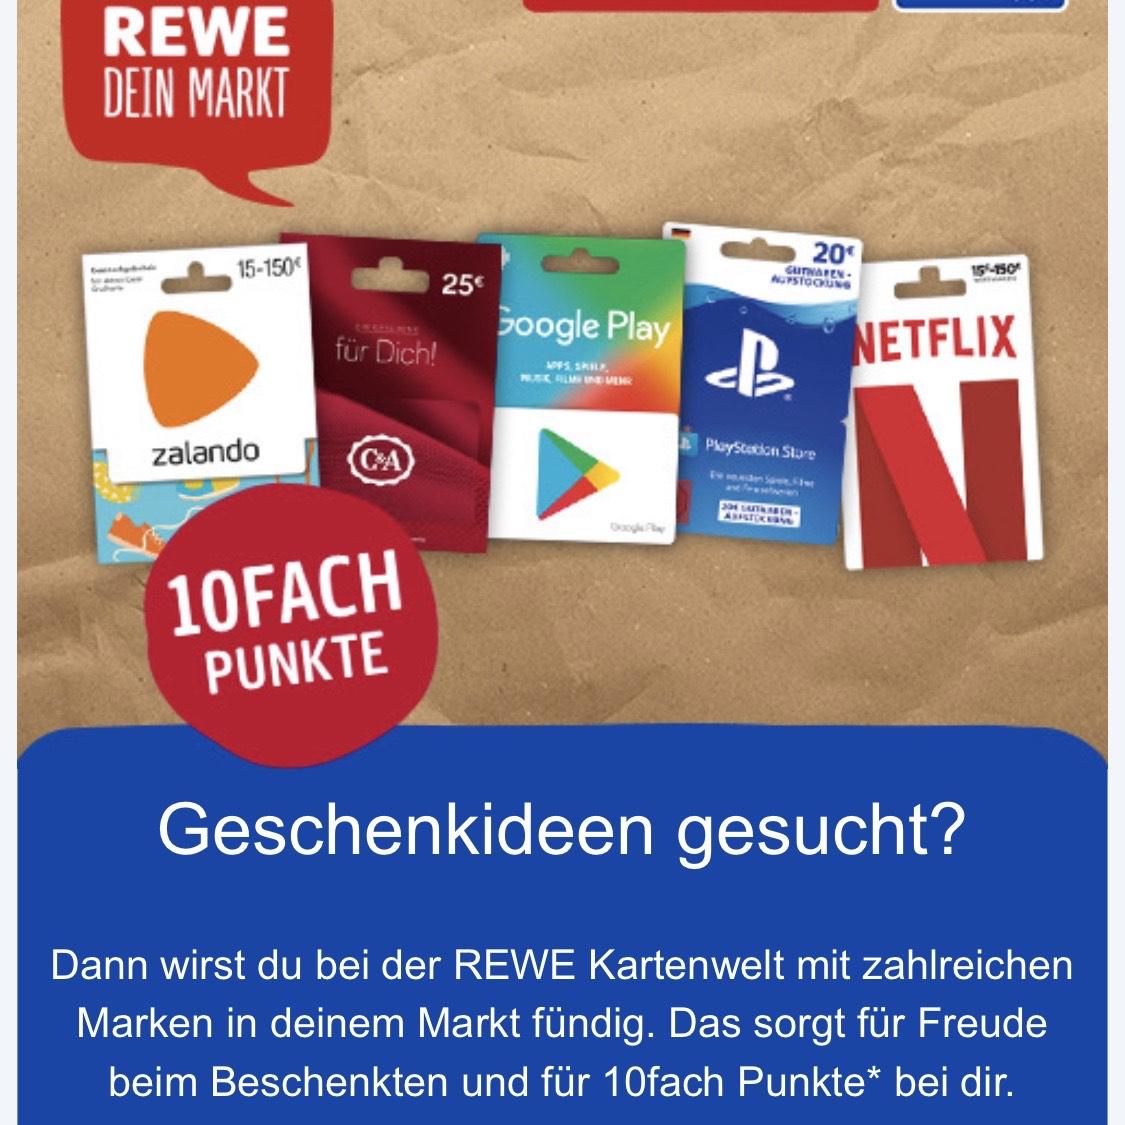 10fach Paybackpunkte bei REWE für Gutschein & Geschenkkarten (Online & Offline)